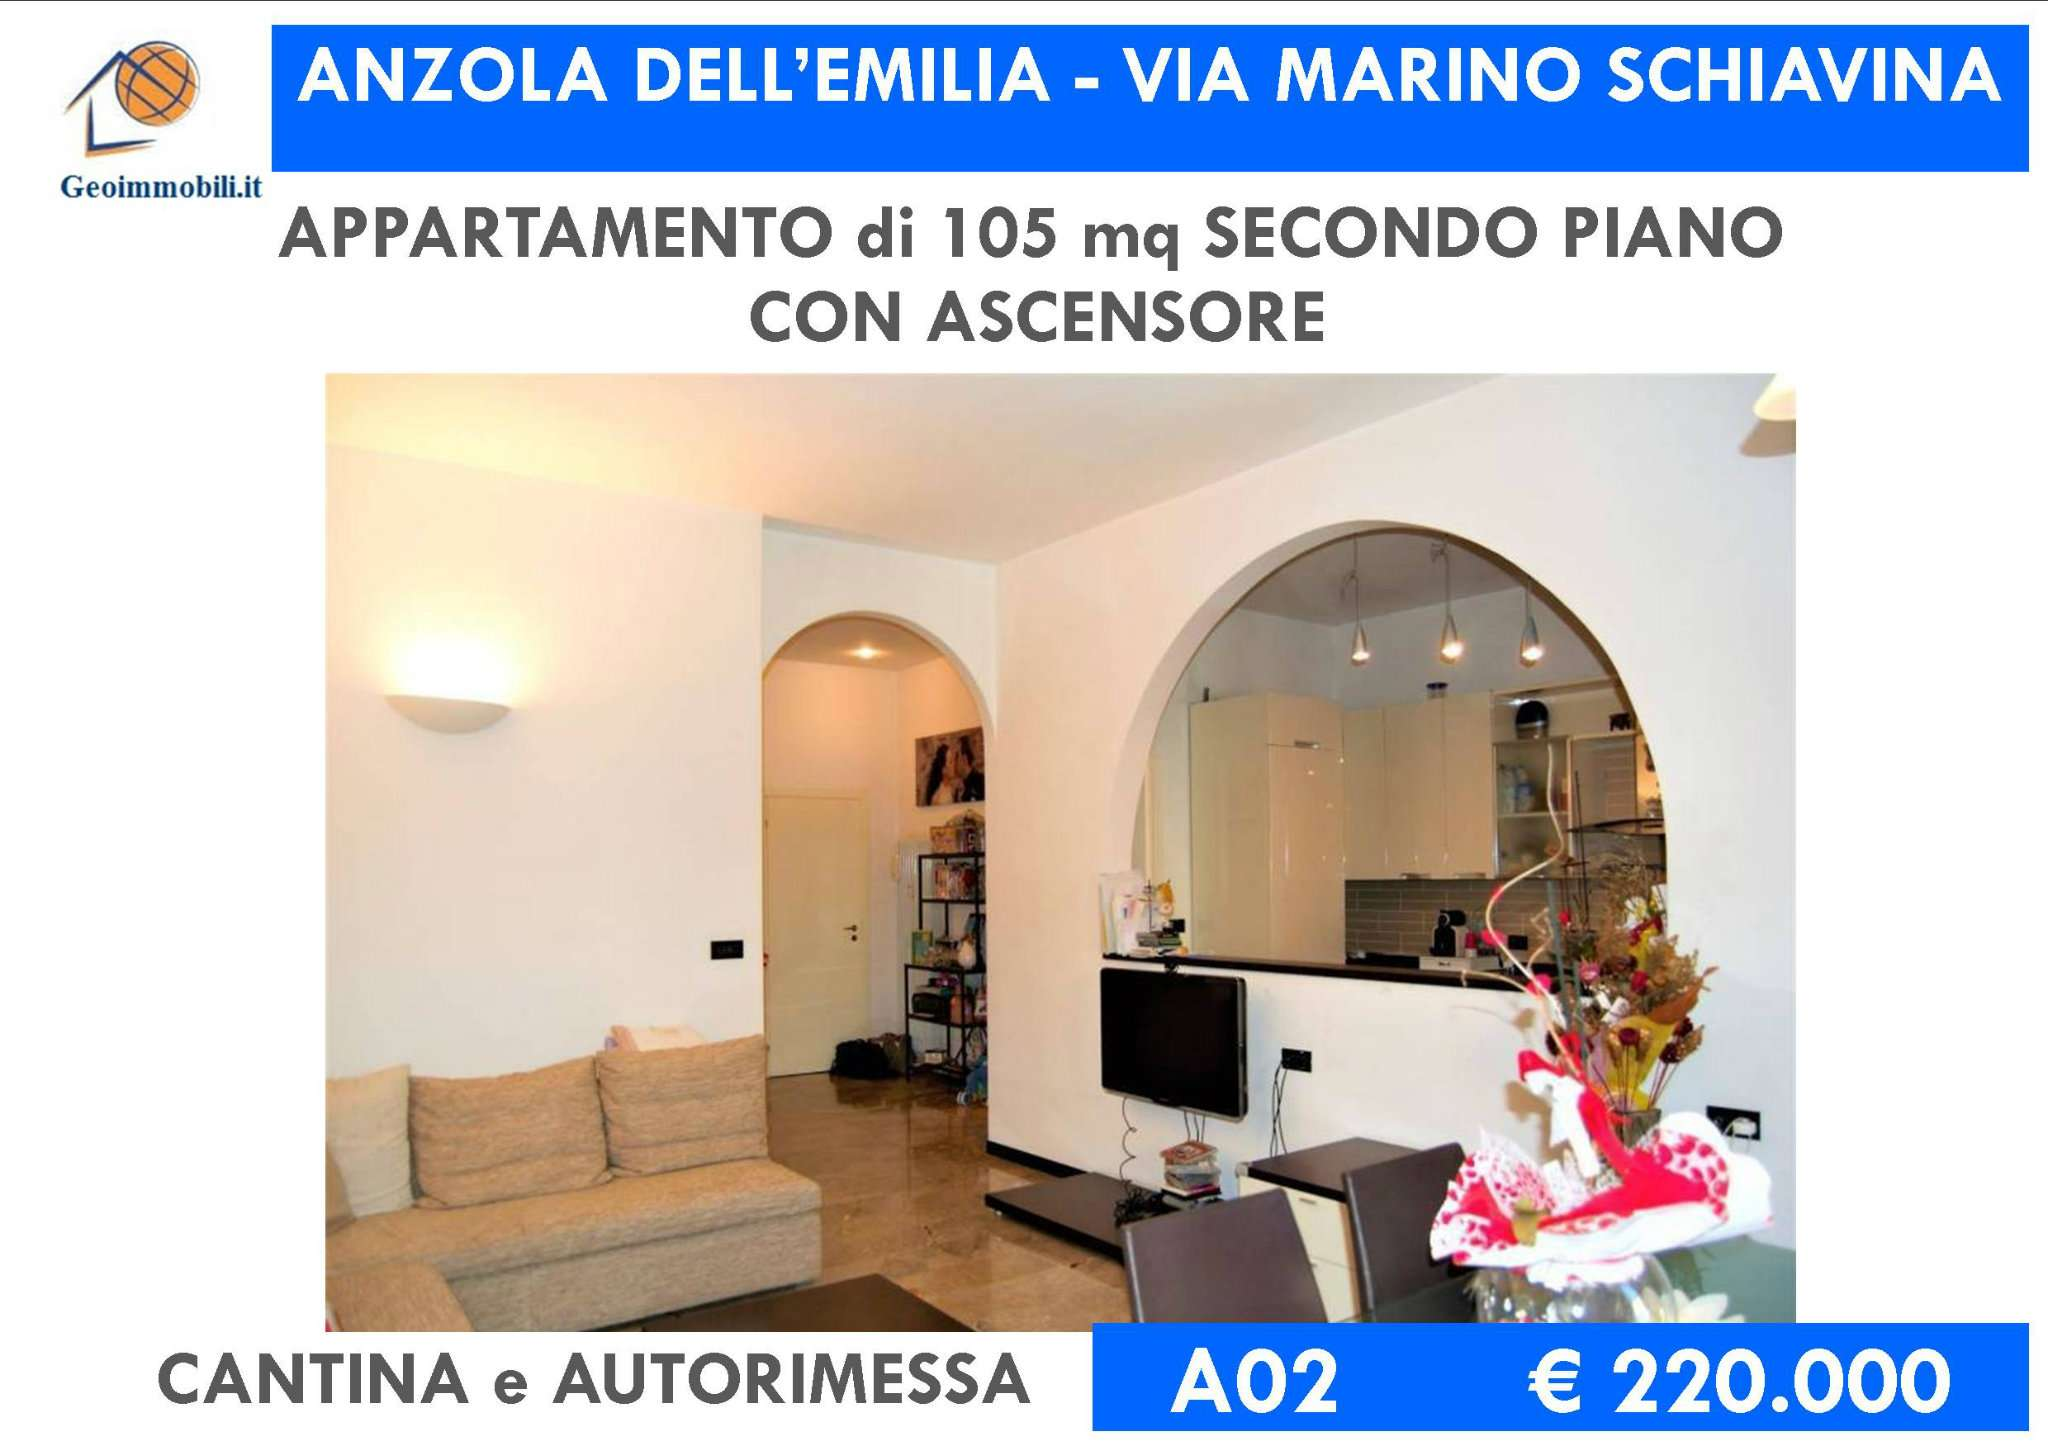 Foto 1 di Quadrilocale via Marino Schiavina, Anzola Dell'emilia